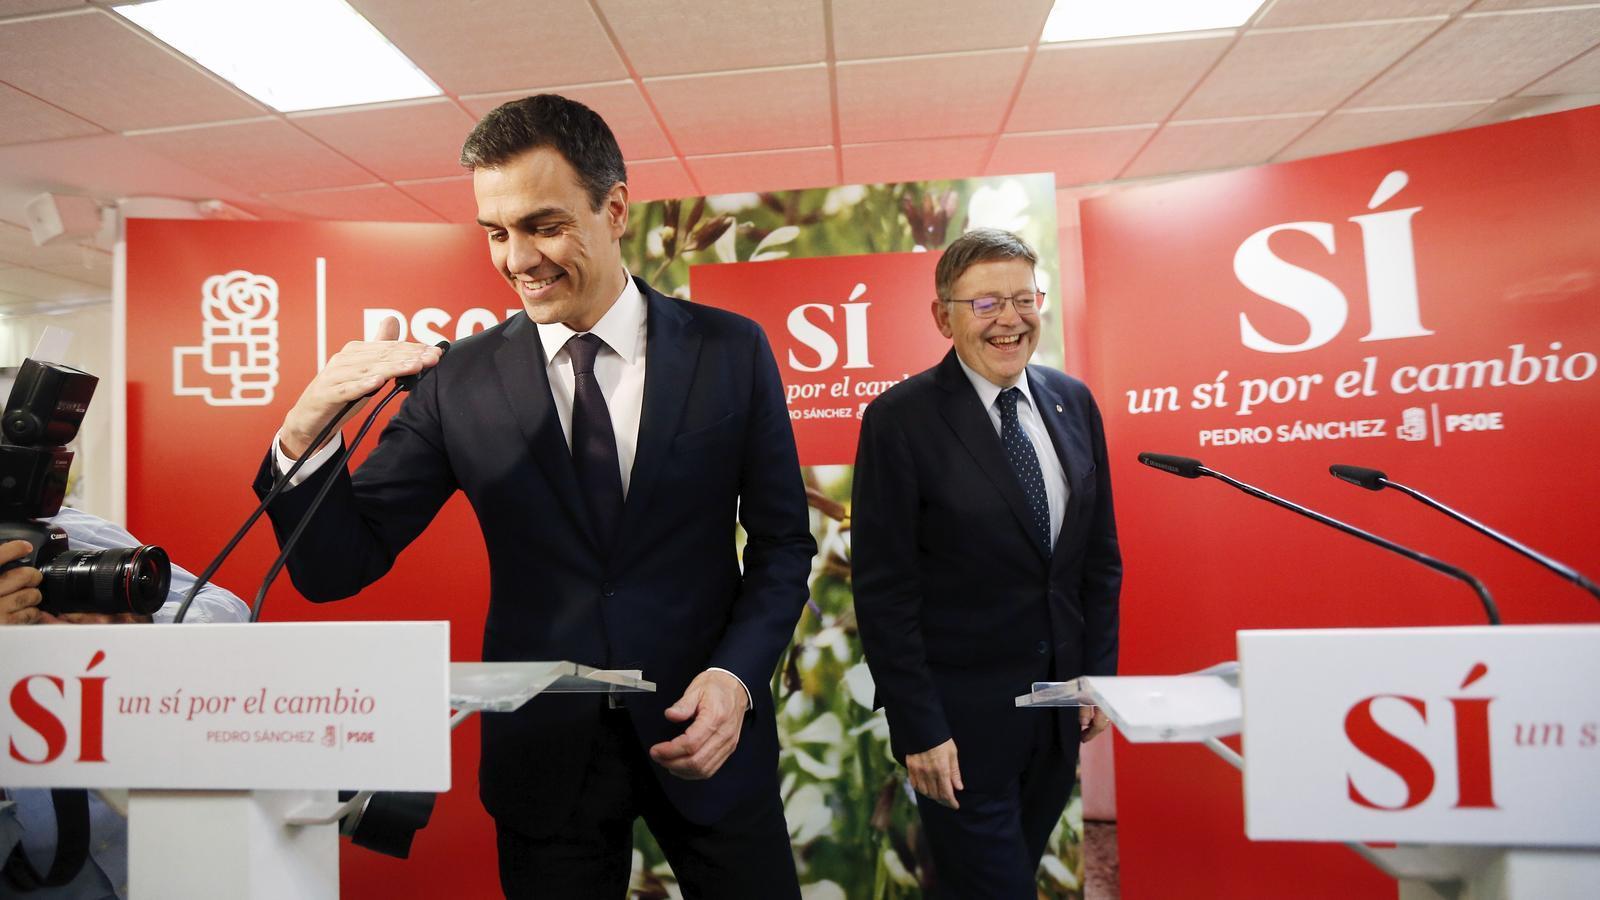 Pedro Sánchez i Ximo Puig aquest dijous a la seu del PSPV.